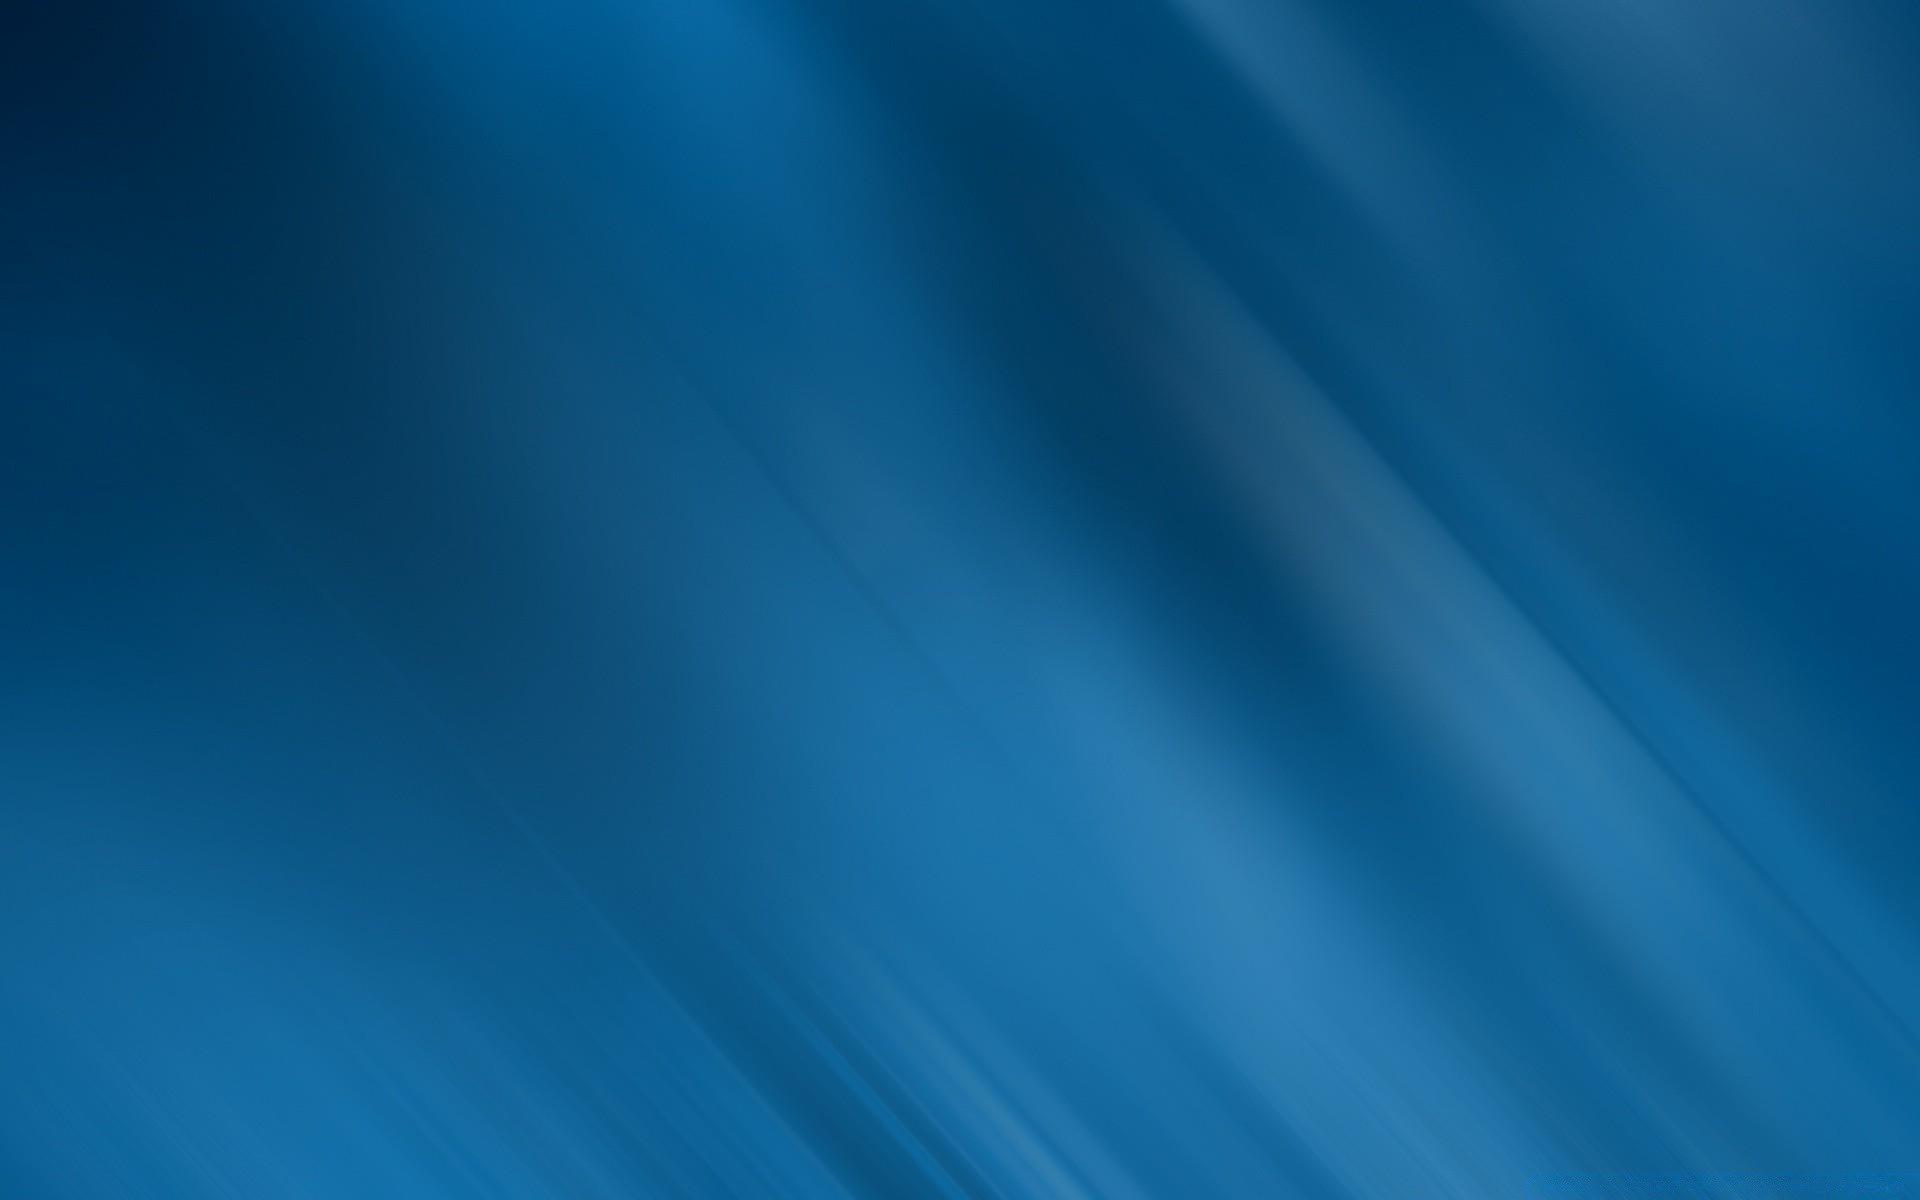 Обои кривая, свет, голубой, дуга, синий. Абстракции foto 12